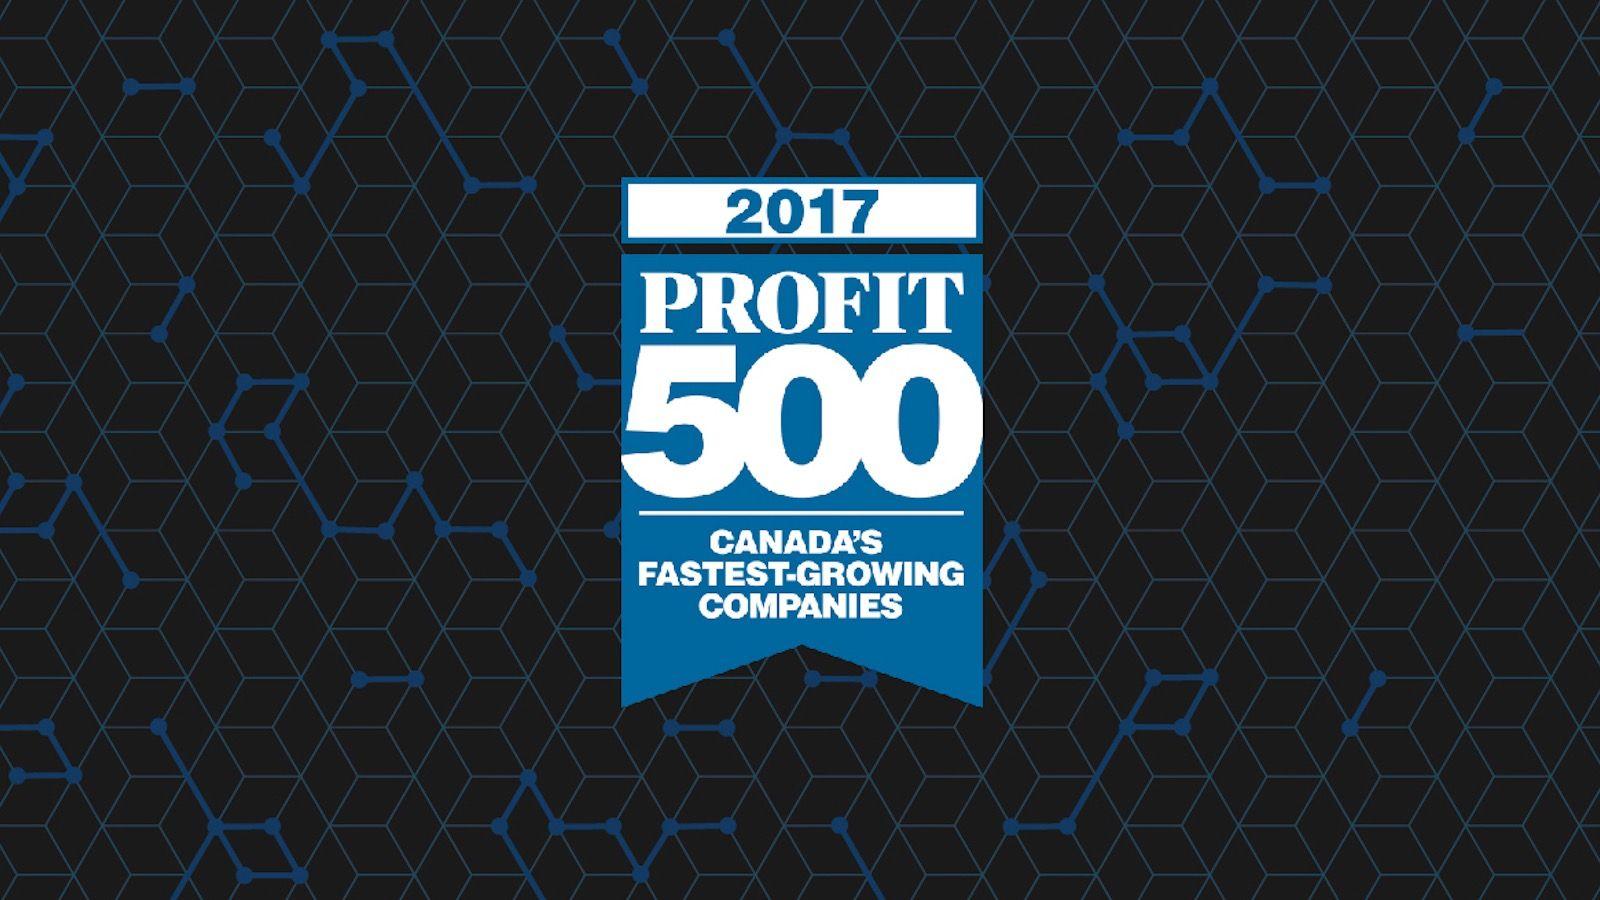 mobileLIVE PROFIT 500 award